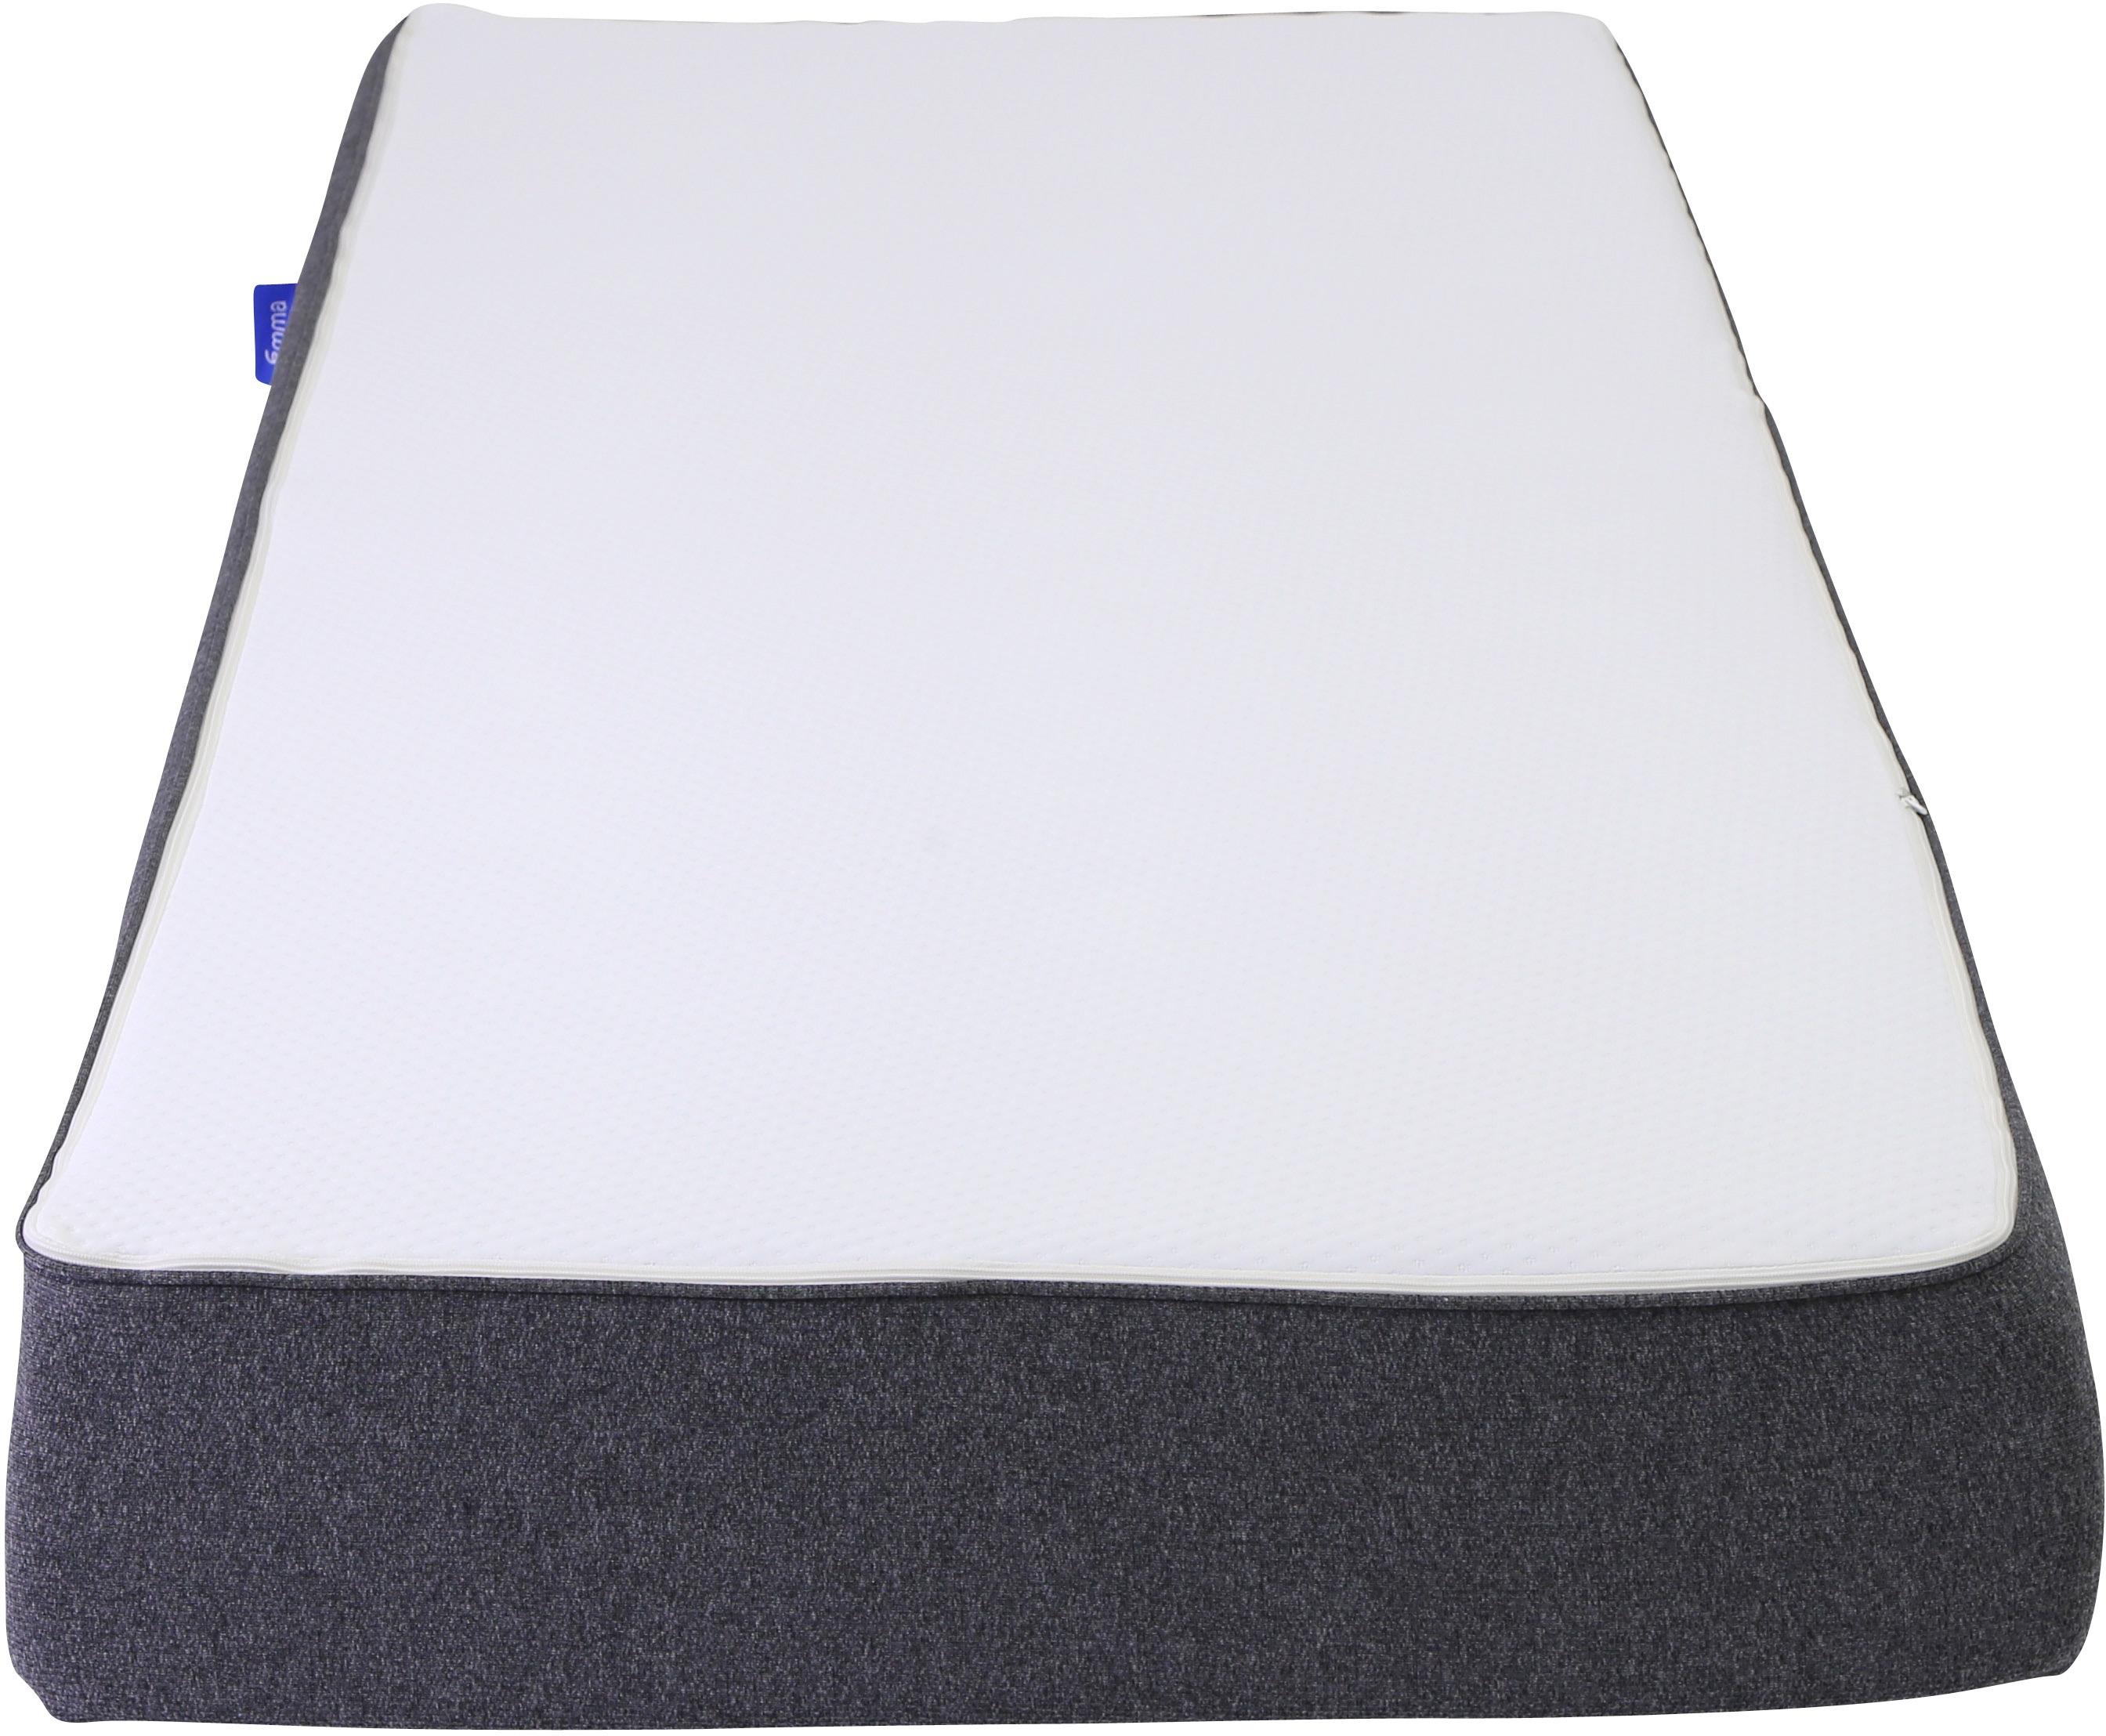 emma le matelas test complet prix sp cifications. Black Bedroom Furniture Sets. Home Design Ideas